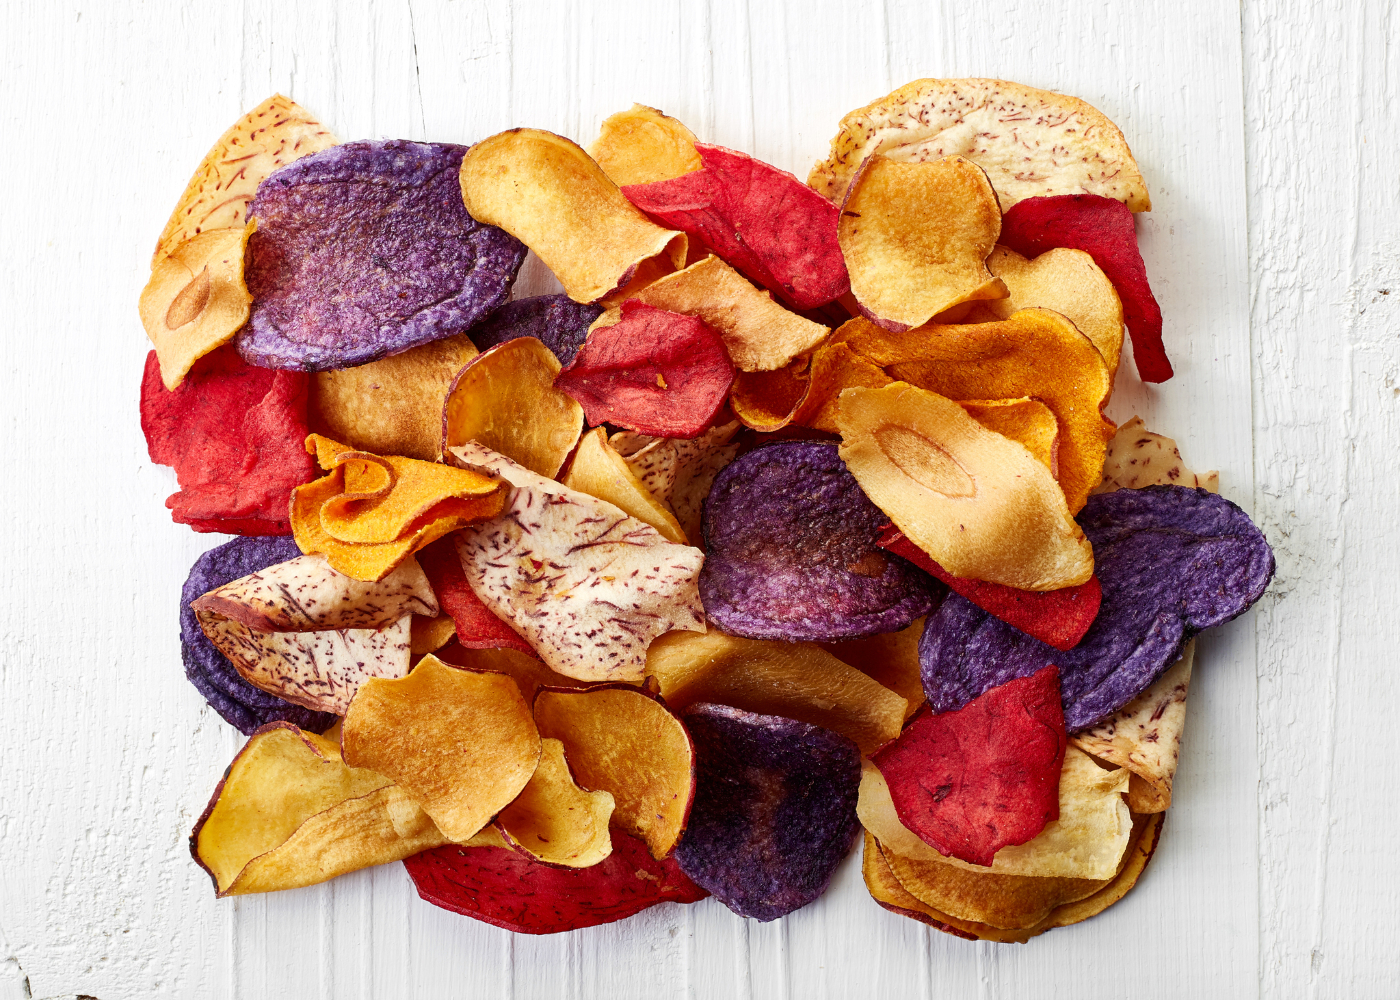 alimentos para ganhar massa muscular tipos de batata doce